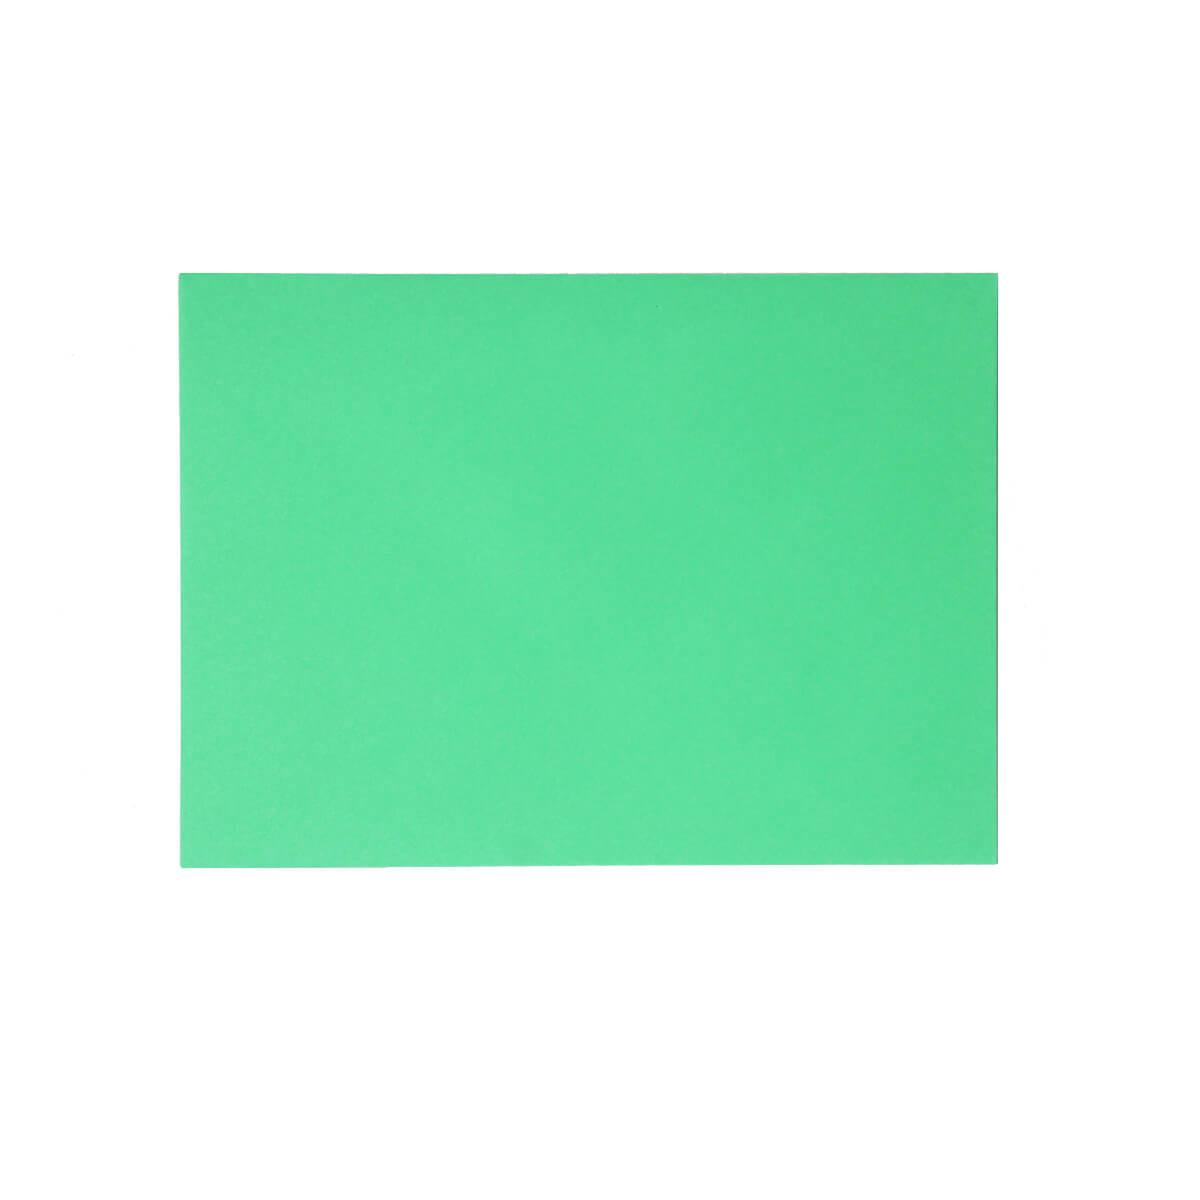 SPEARMINT GREEN 133 x 184 mm ENVELOPES (i8)